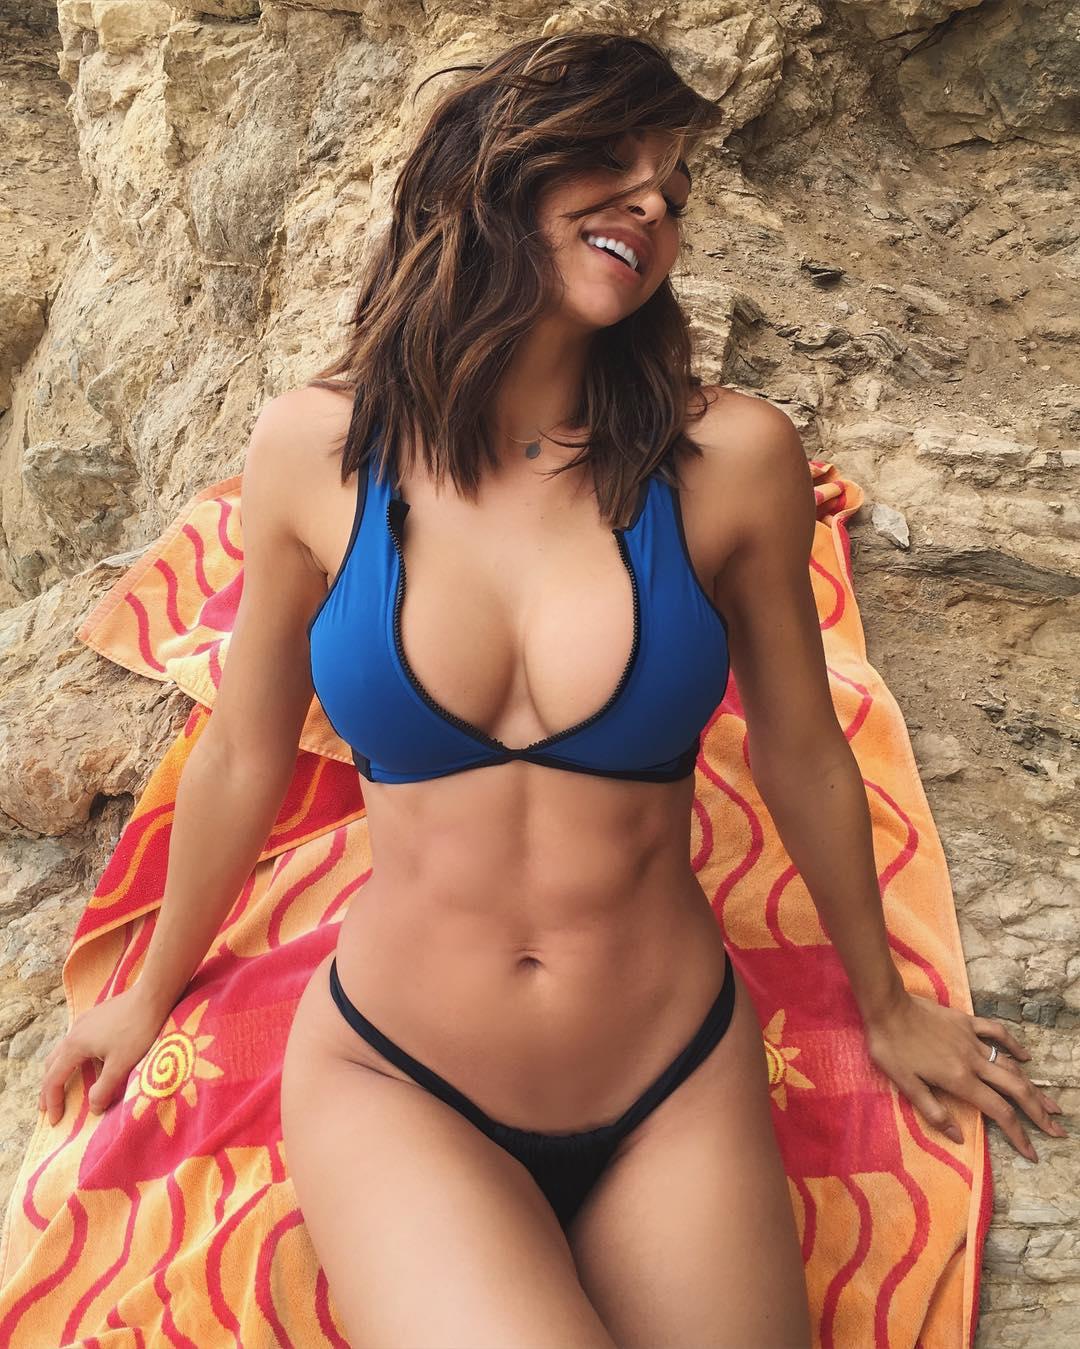 Hot Body ana cheri